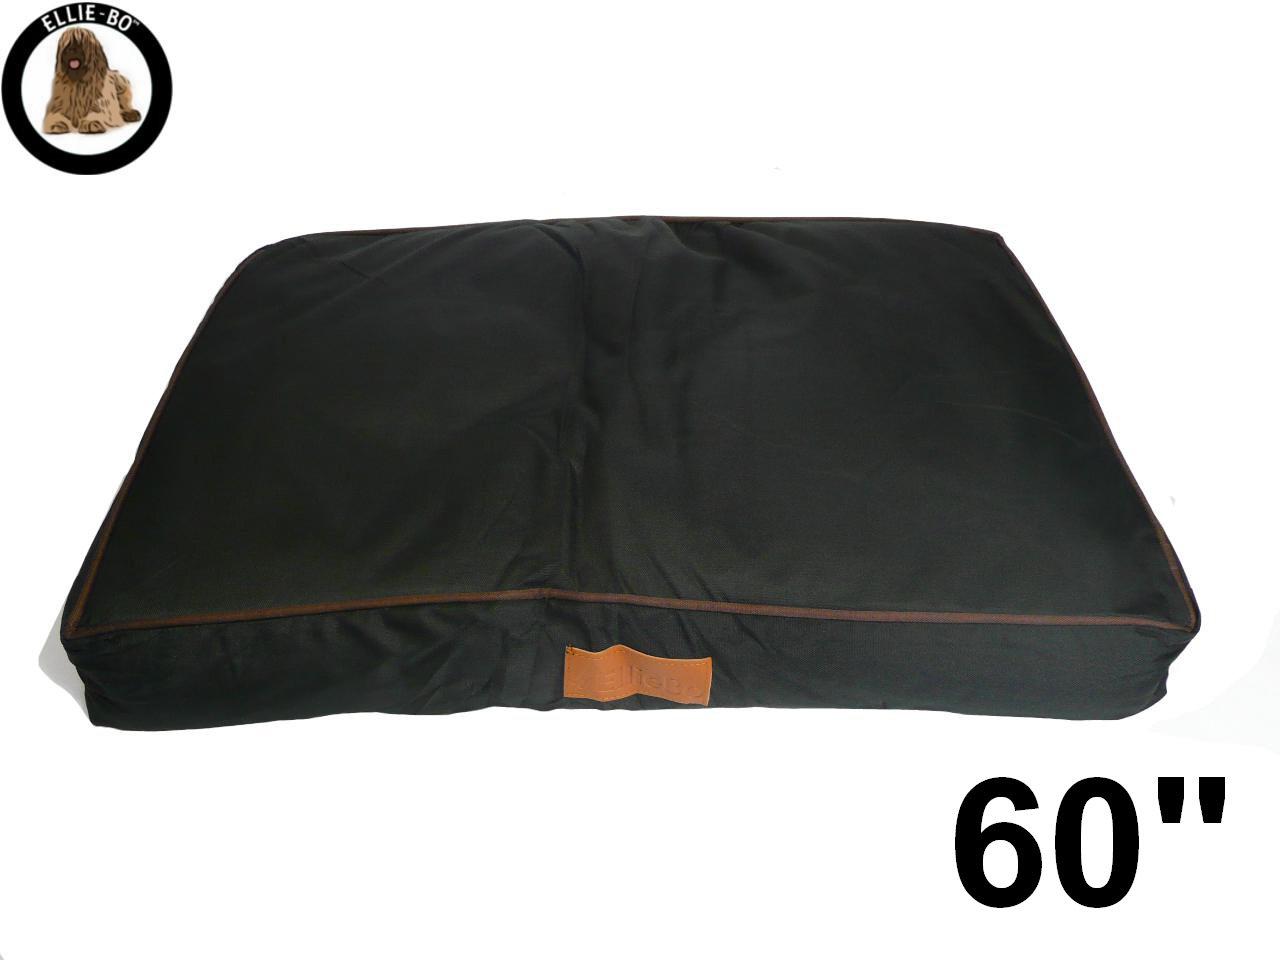 Ellie-Bo Jumbo Waterproof Dog Bed, 152 x 100 cm, Black